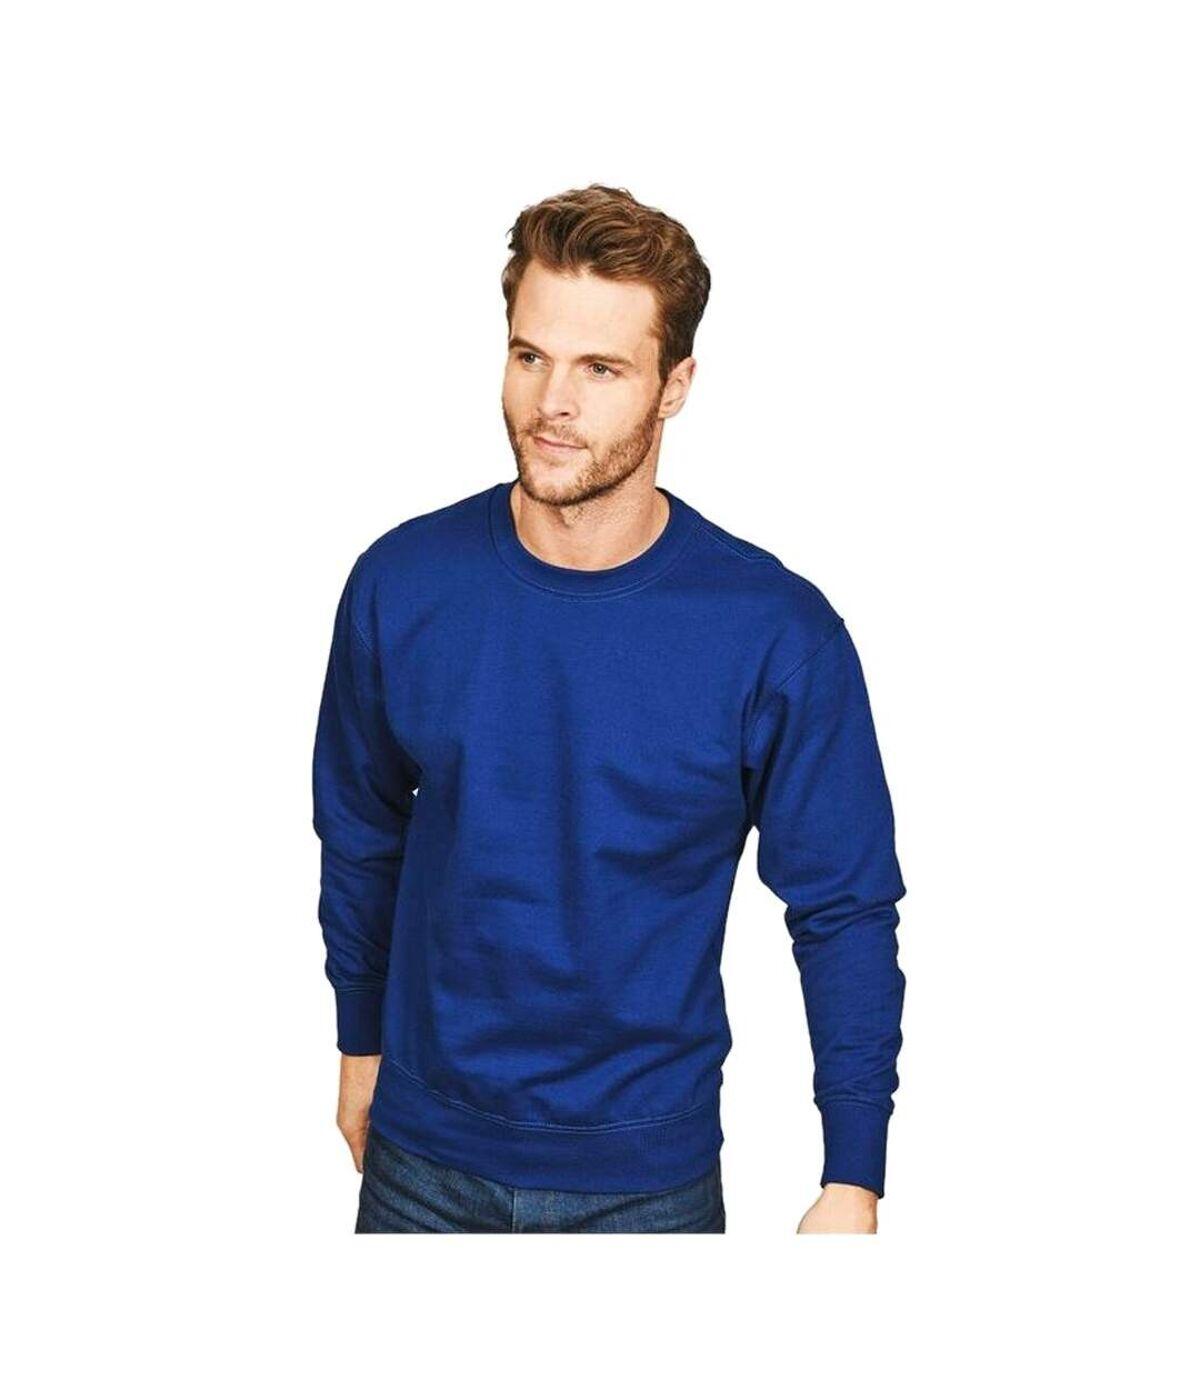 Casual Original Mens Sweatshirt (Red) - UTAB258